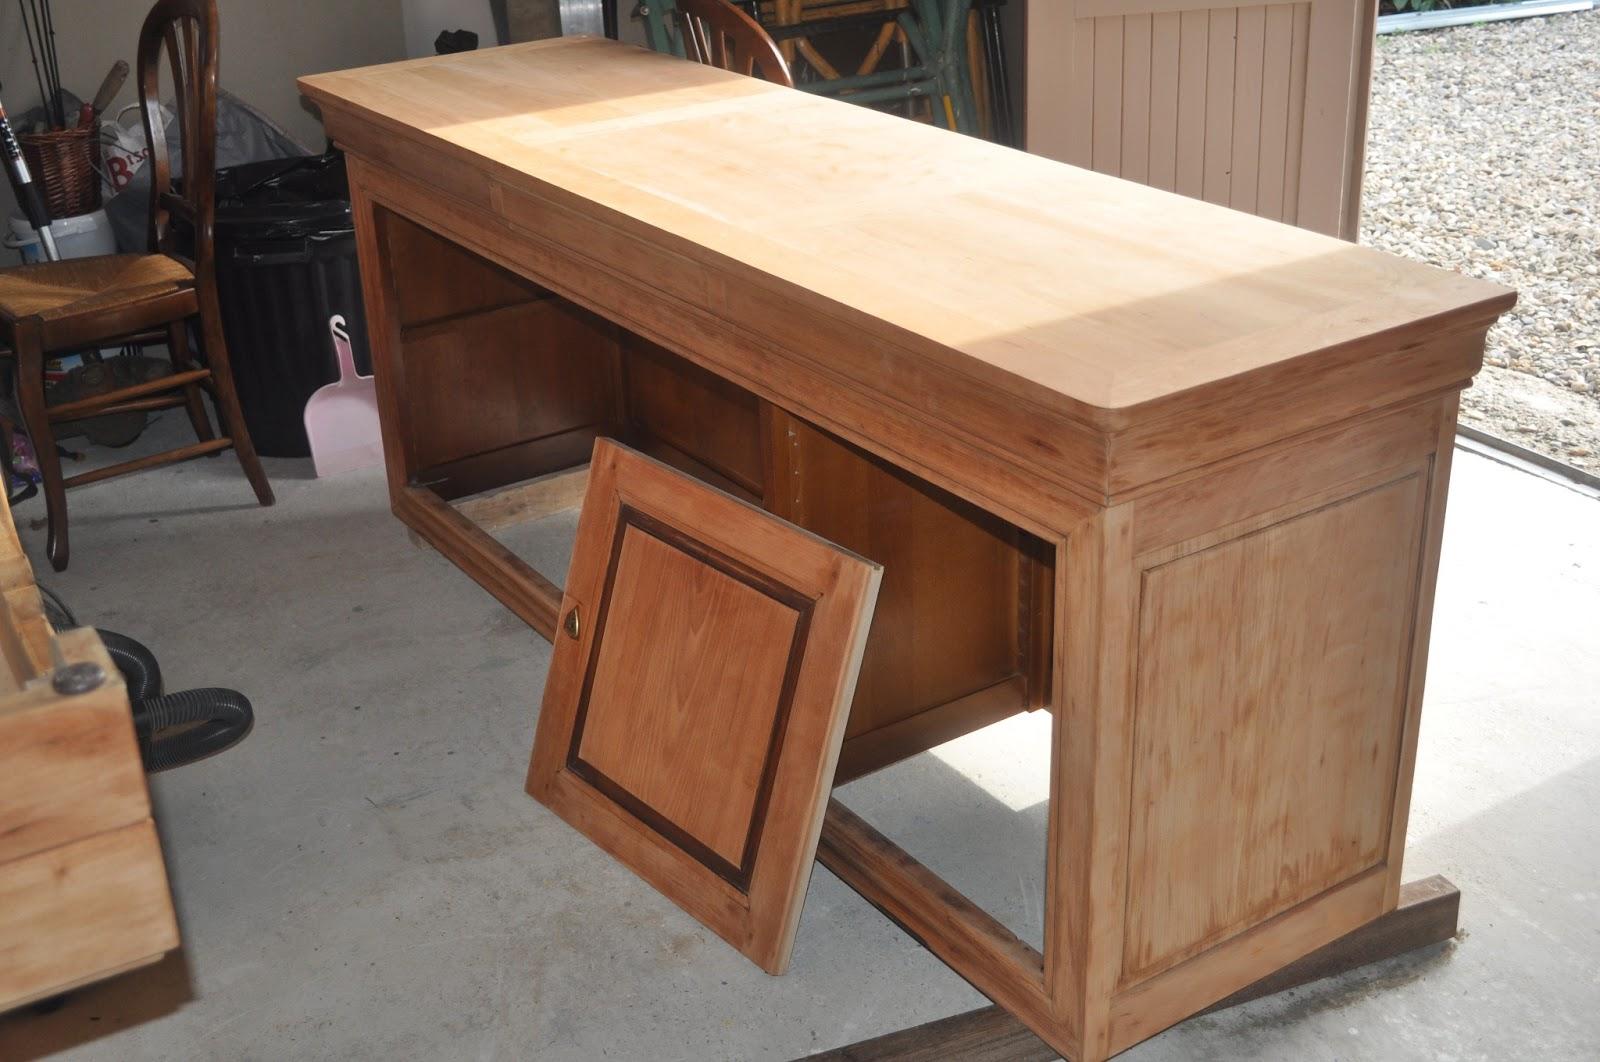 Bois et patines nathalie madrenes f vrier 2013 for Decaper un meuble en bois